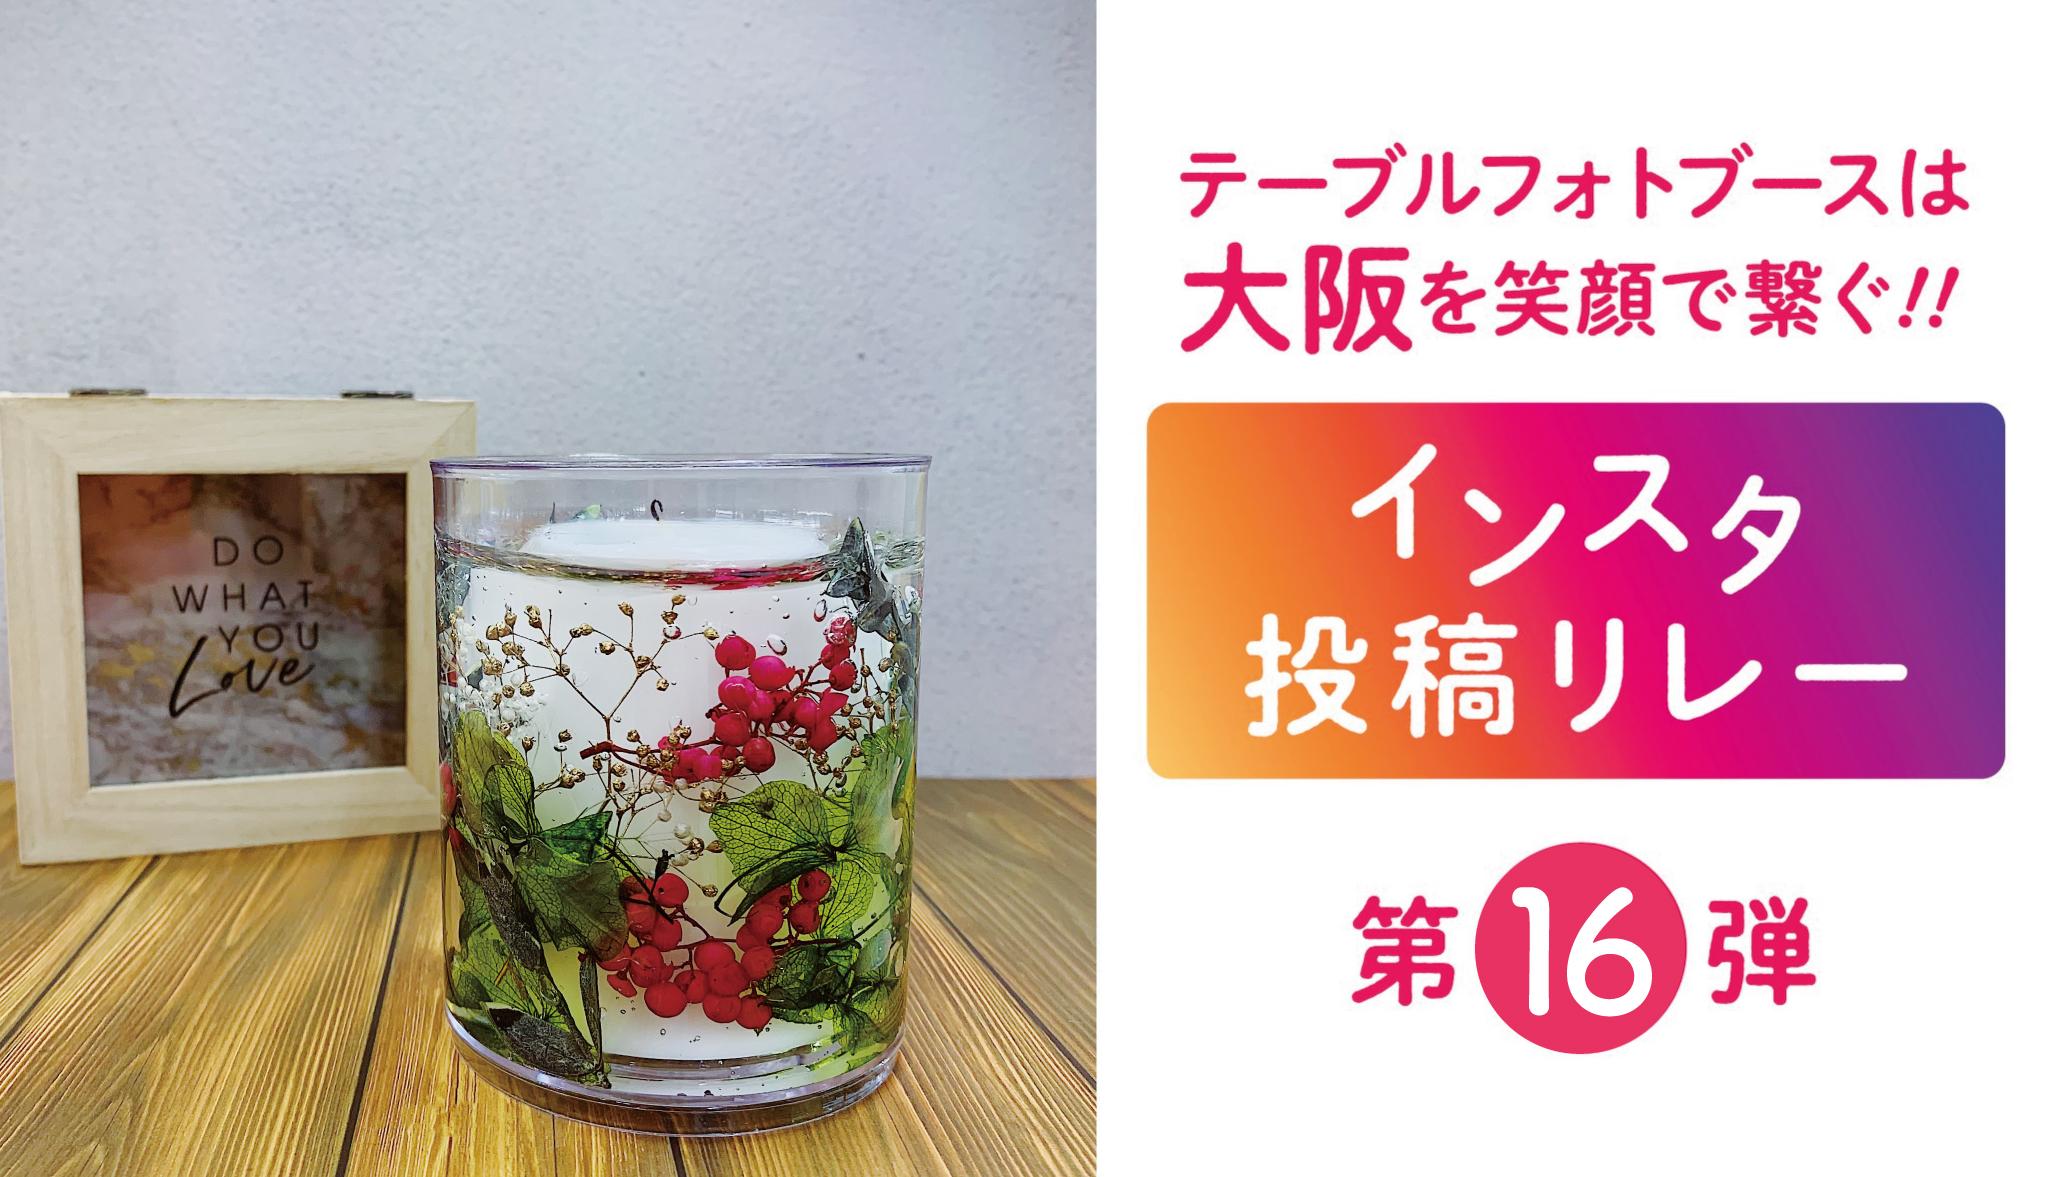 『テーブルフォトブースで大阪を笑顔で繋ぐ!!インスタ投稿リレー』第16弾!!